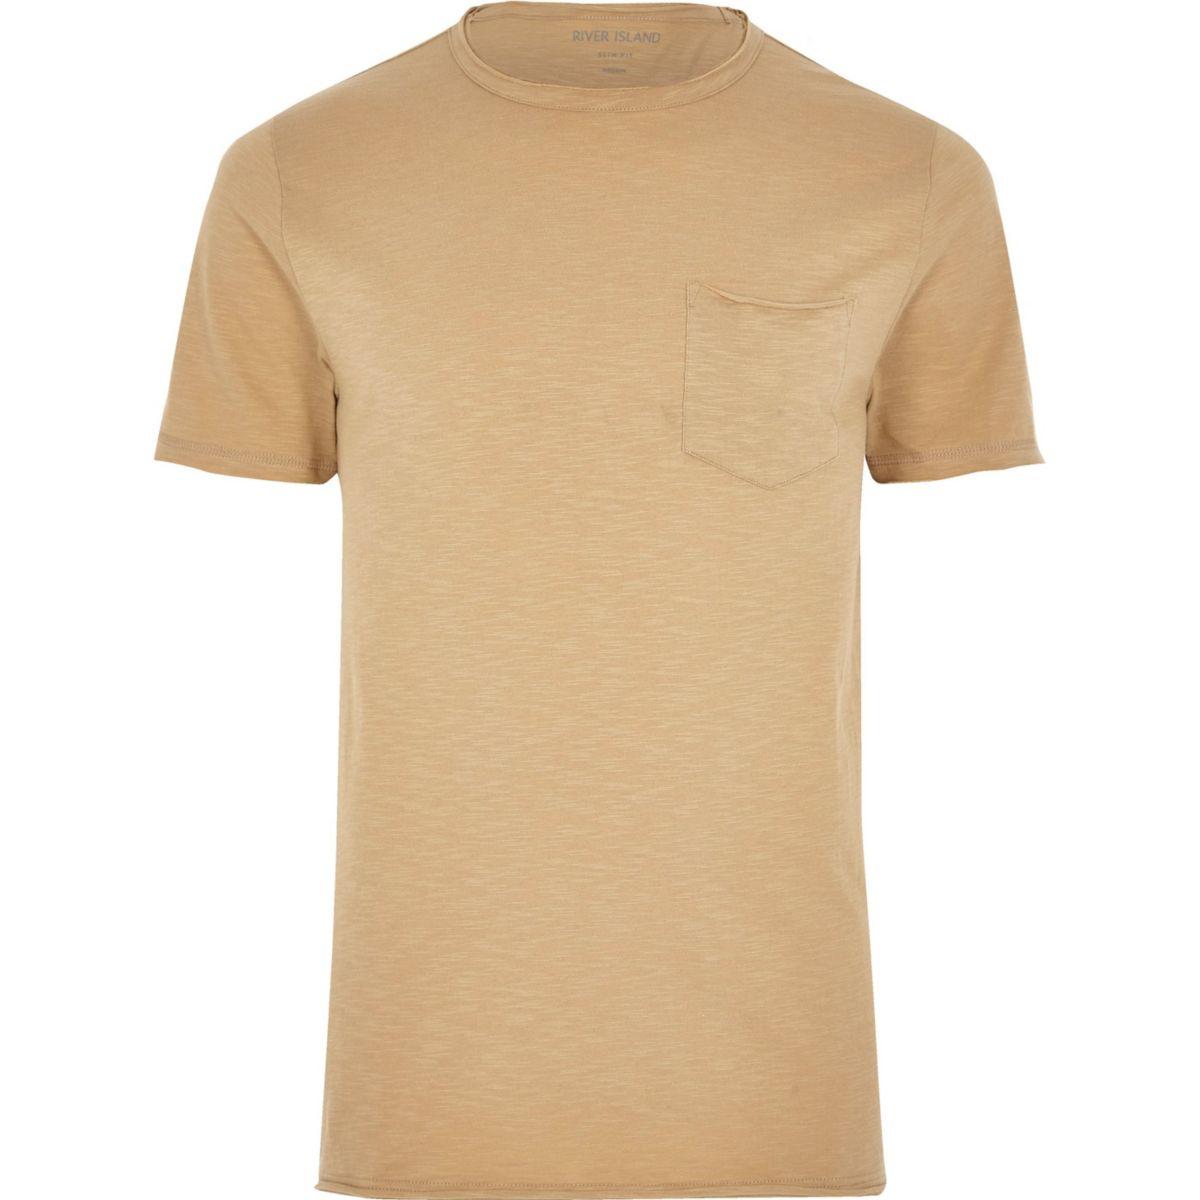 Brown slim fit raw cut pocket T-shirt